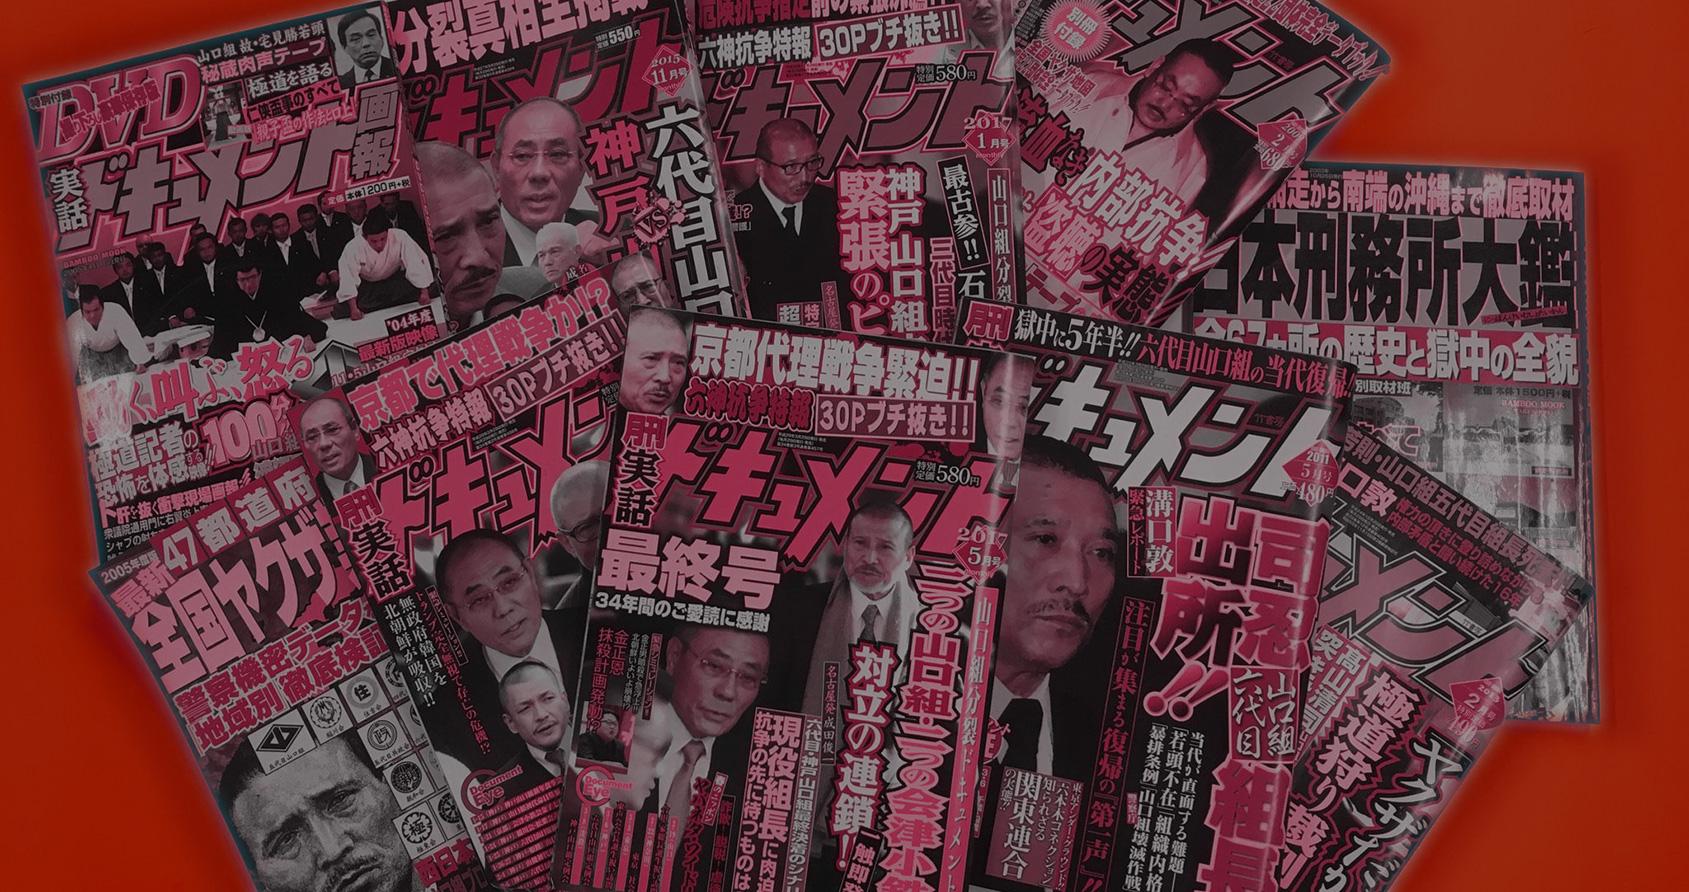 Au Japon, les yakuzas ont leurs propres magazines, et la police les lit